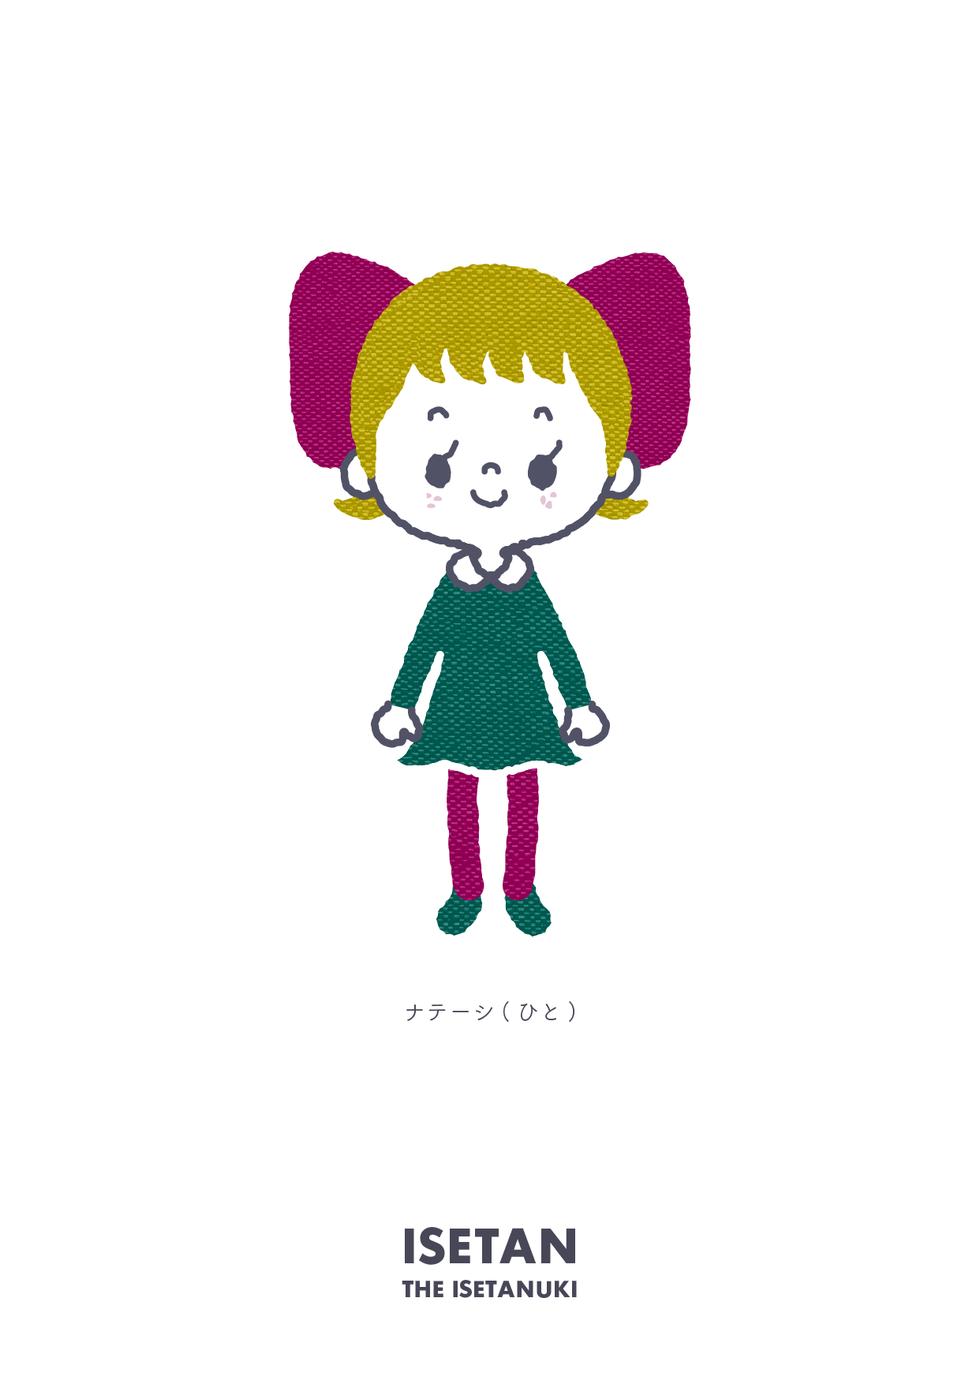 isetan-character-03.png